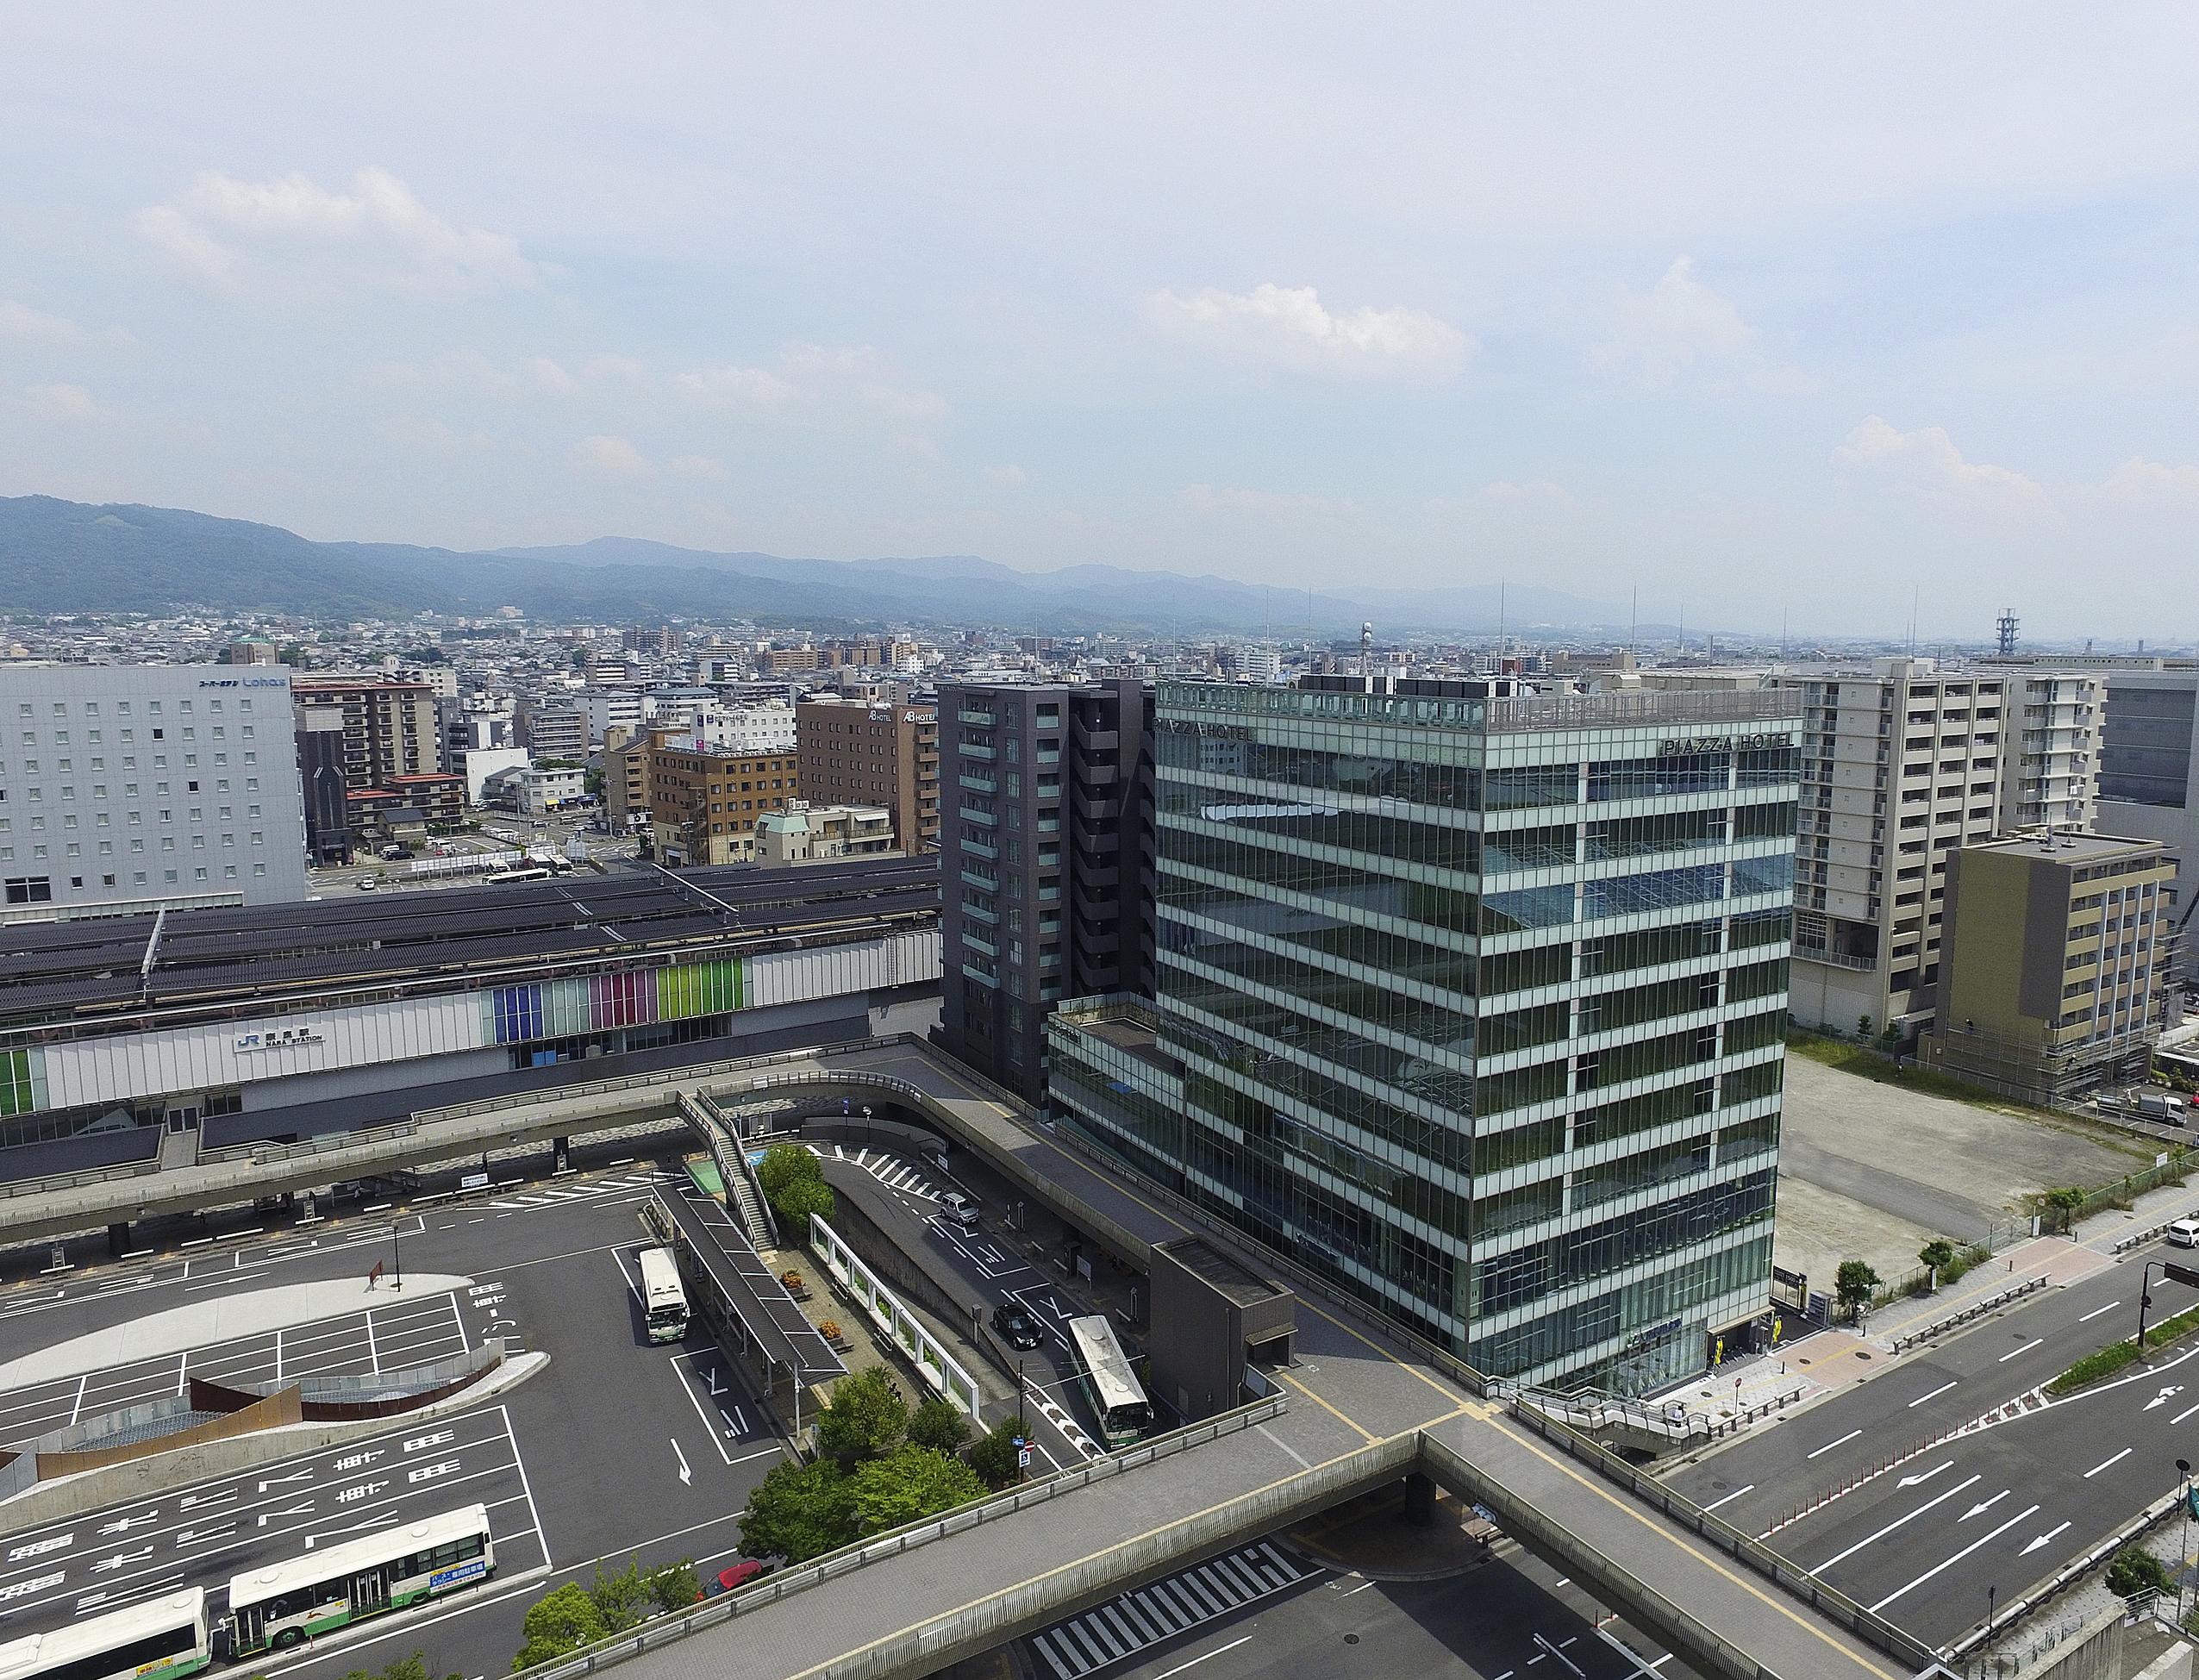 ピアッツァホテル奈良のブログが始まります。